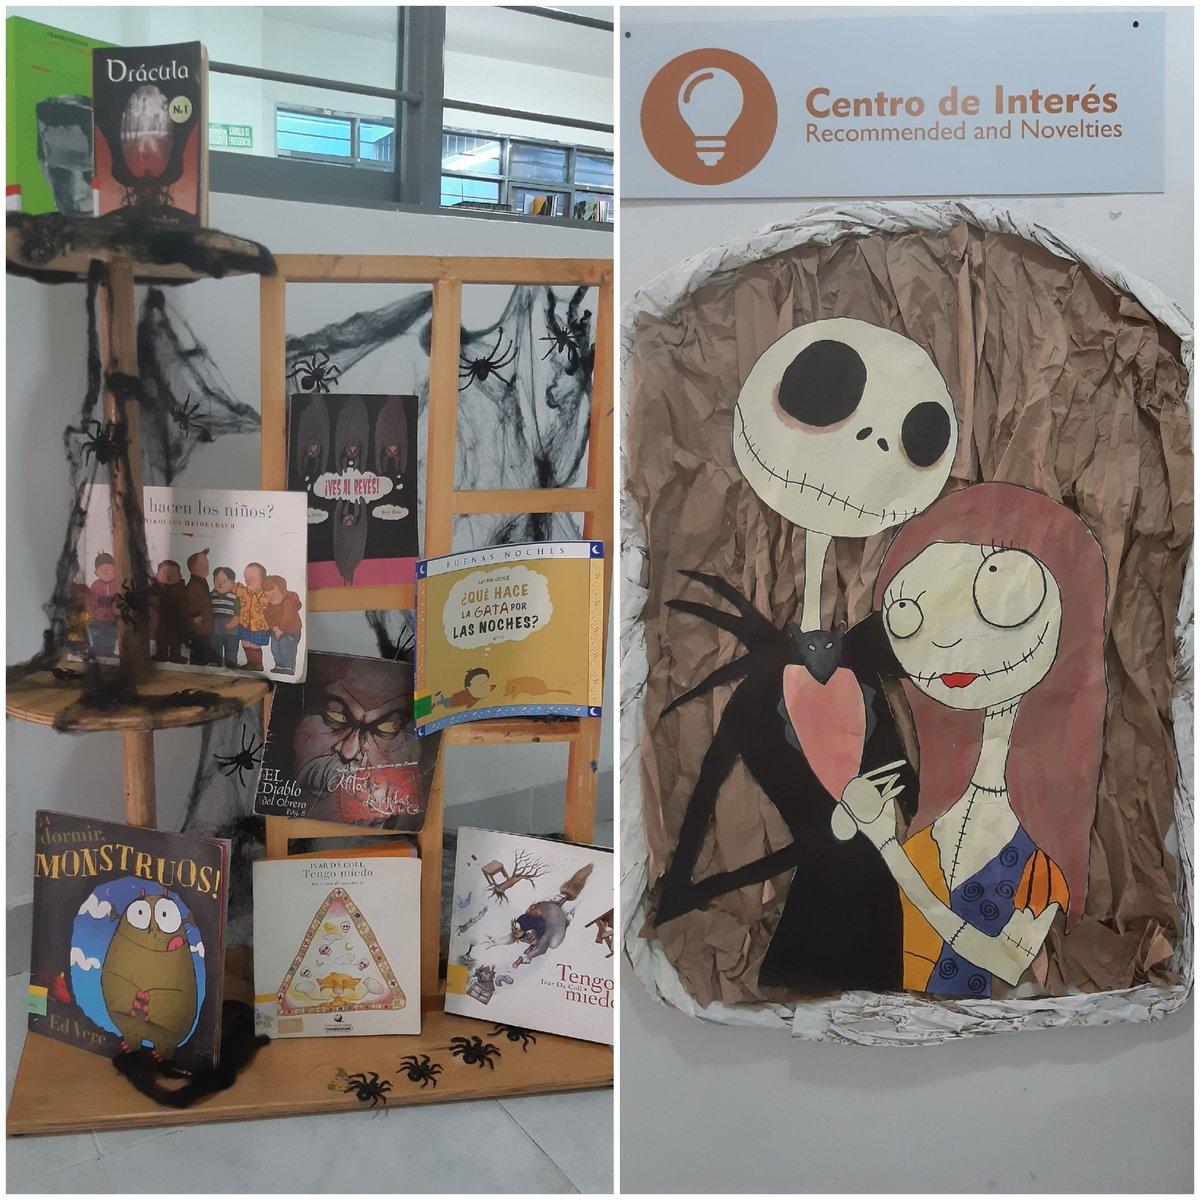 Les presentamos nuestro Centro de Interés del mes de octubre con cuentos infantiles y literatura acorde a la temática del mes. #FelizLunes #Halloween #CaliCo @RNBPColombia @BibliotecaNalCo